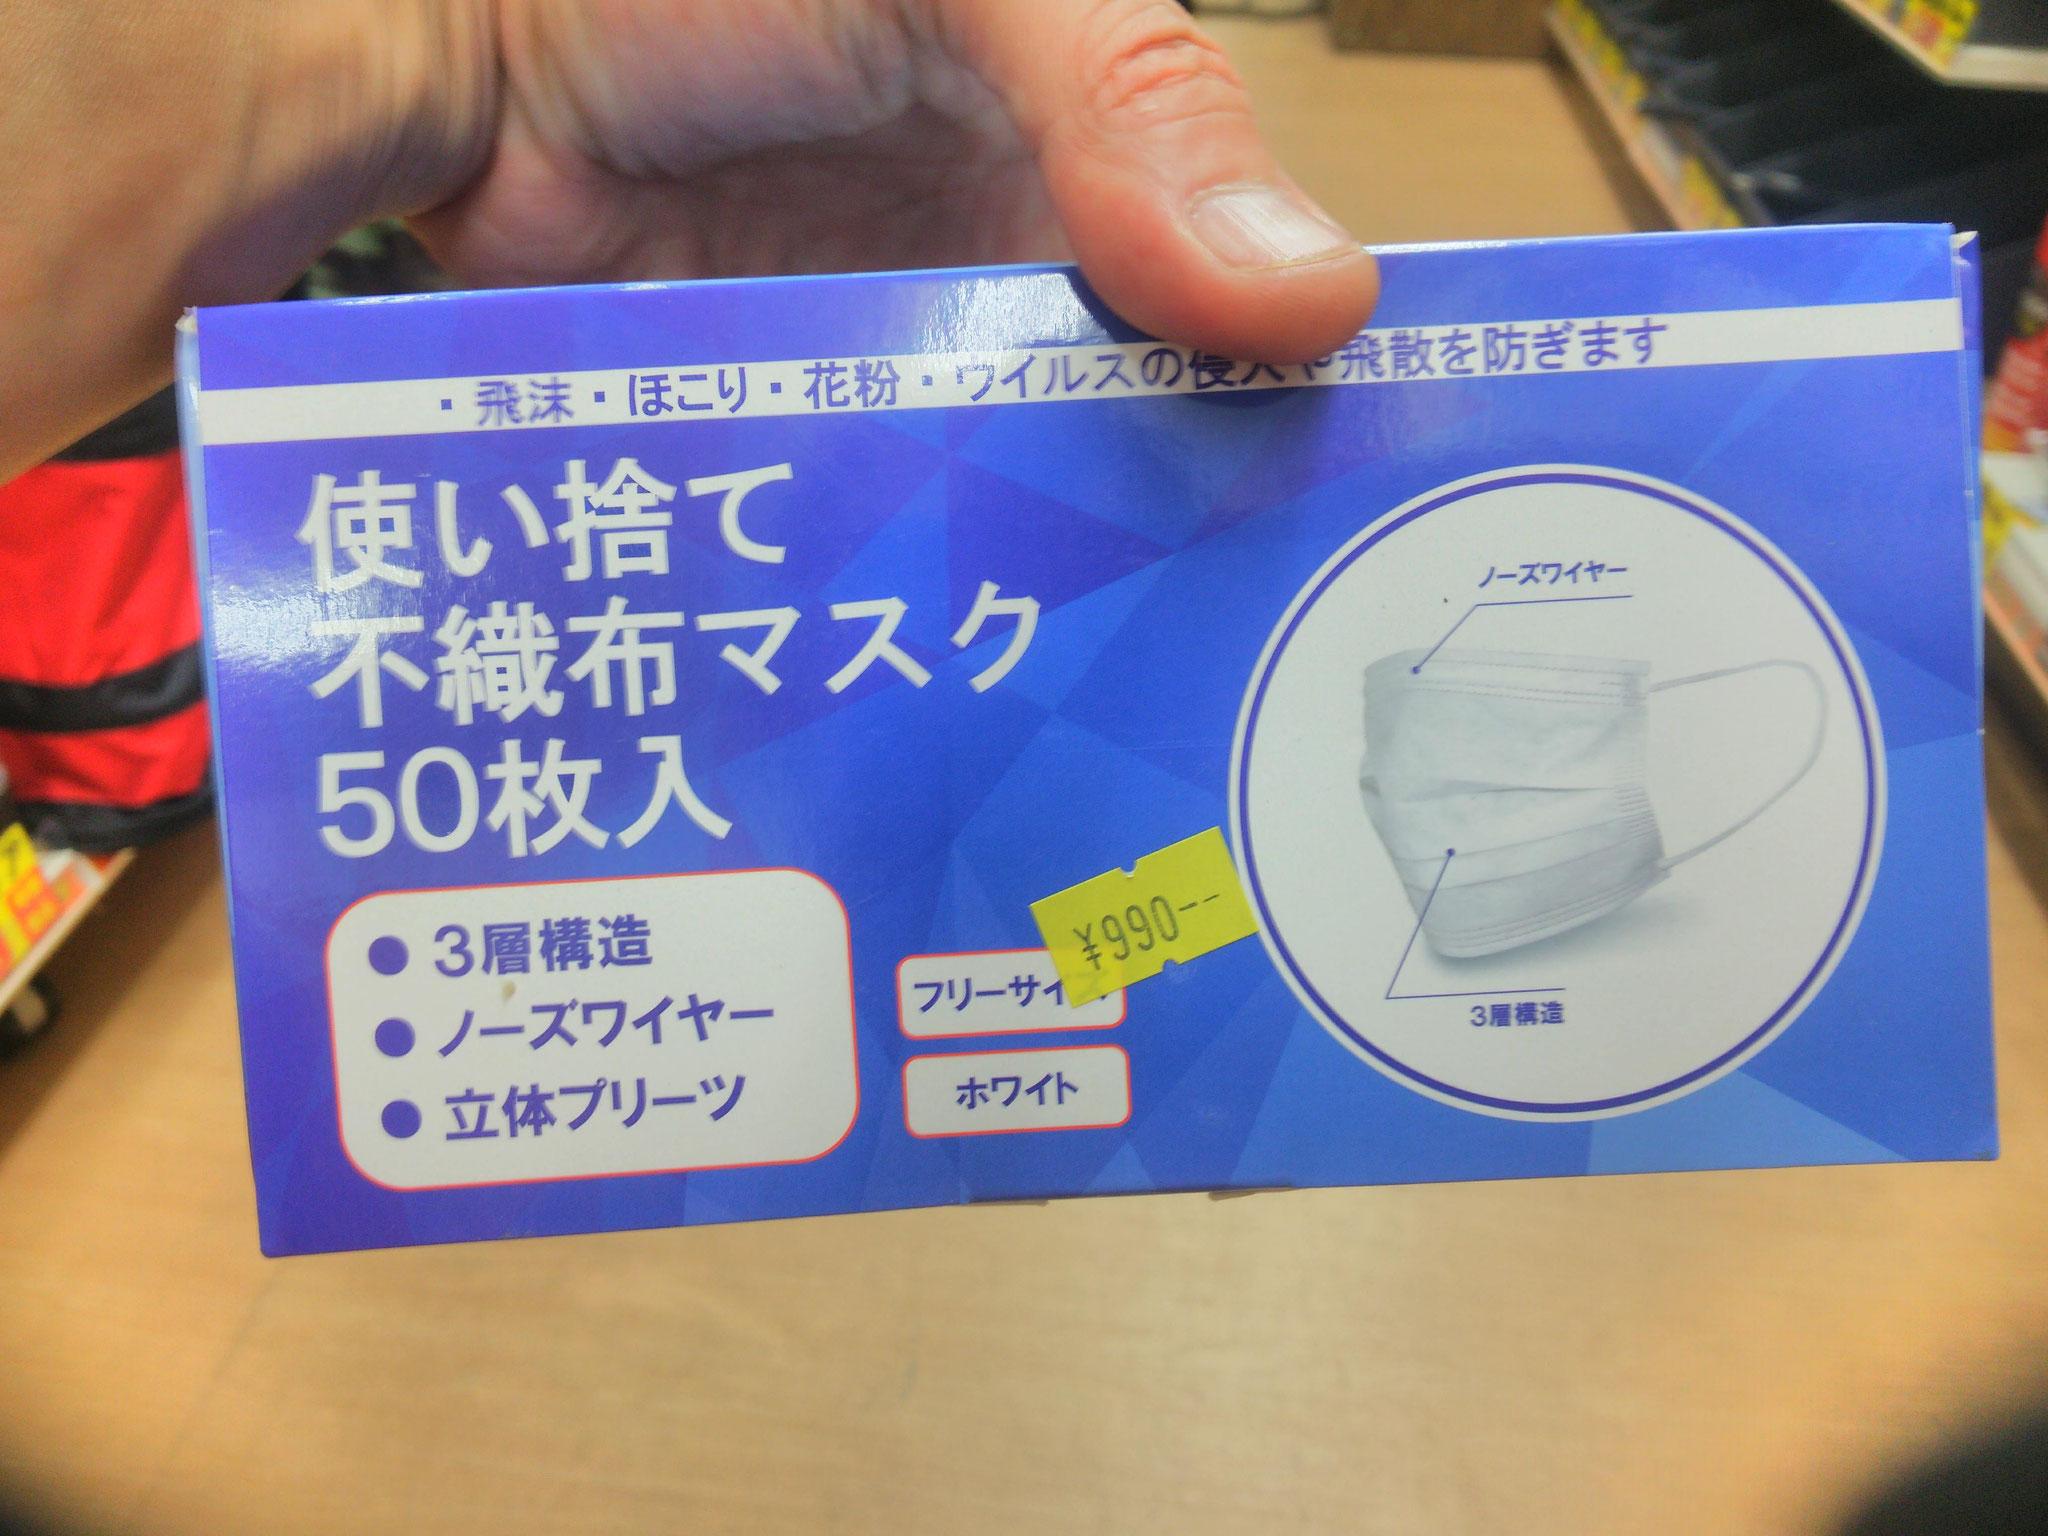 地域に貢献マスク 50枚入 ¥990(税込)